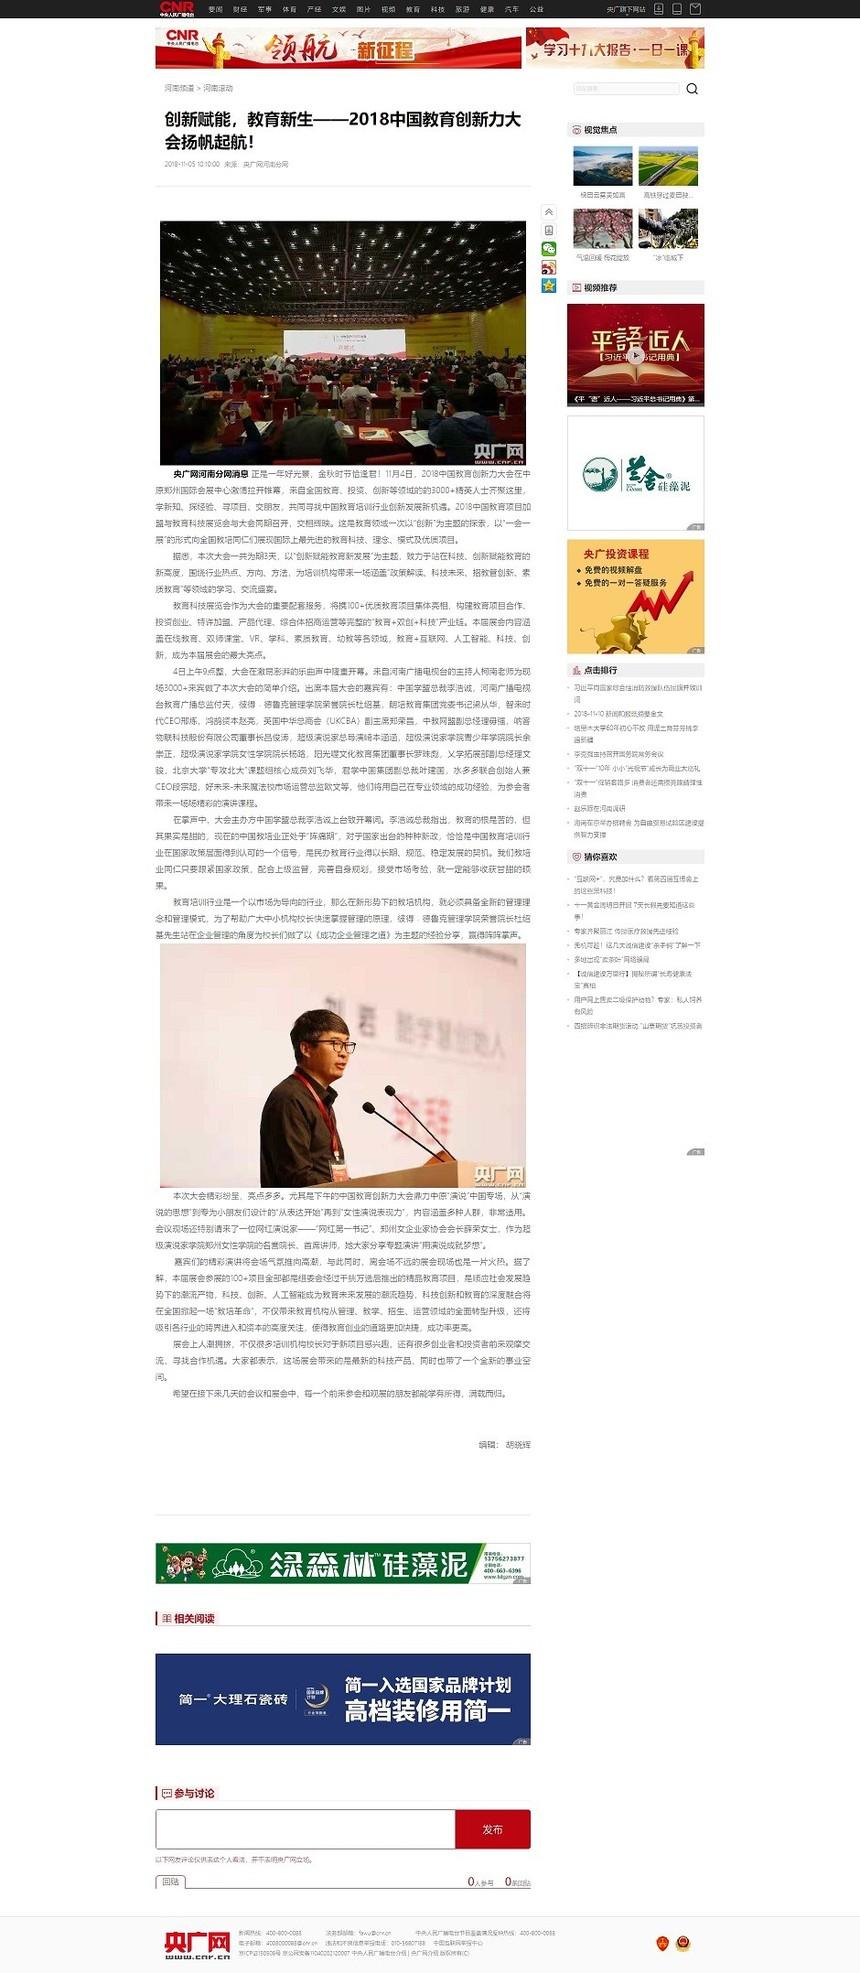 央广网:创新赋能 教育新生 2018中国教育创新力大会扬帆起航.1.jpg